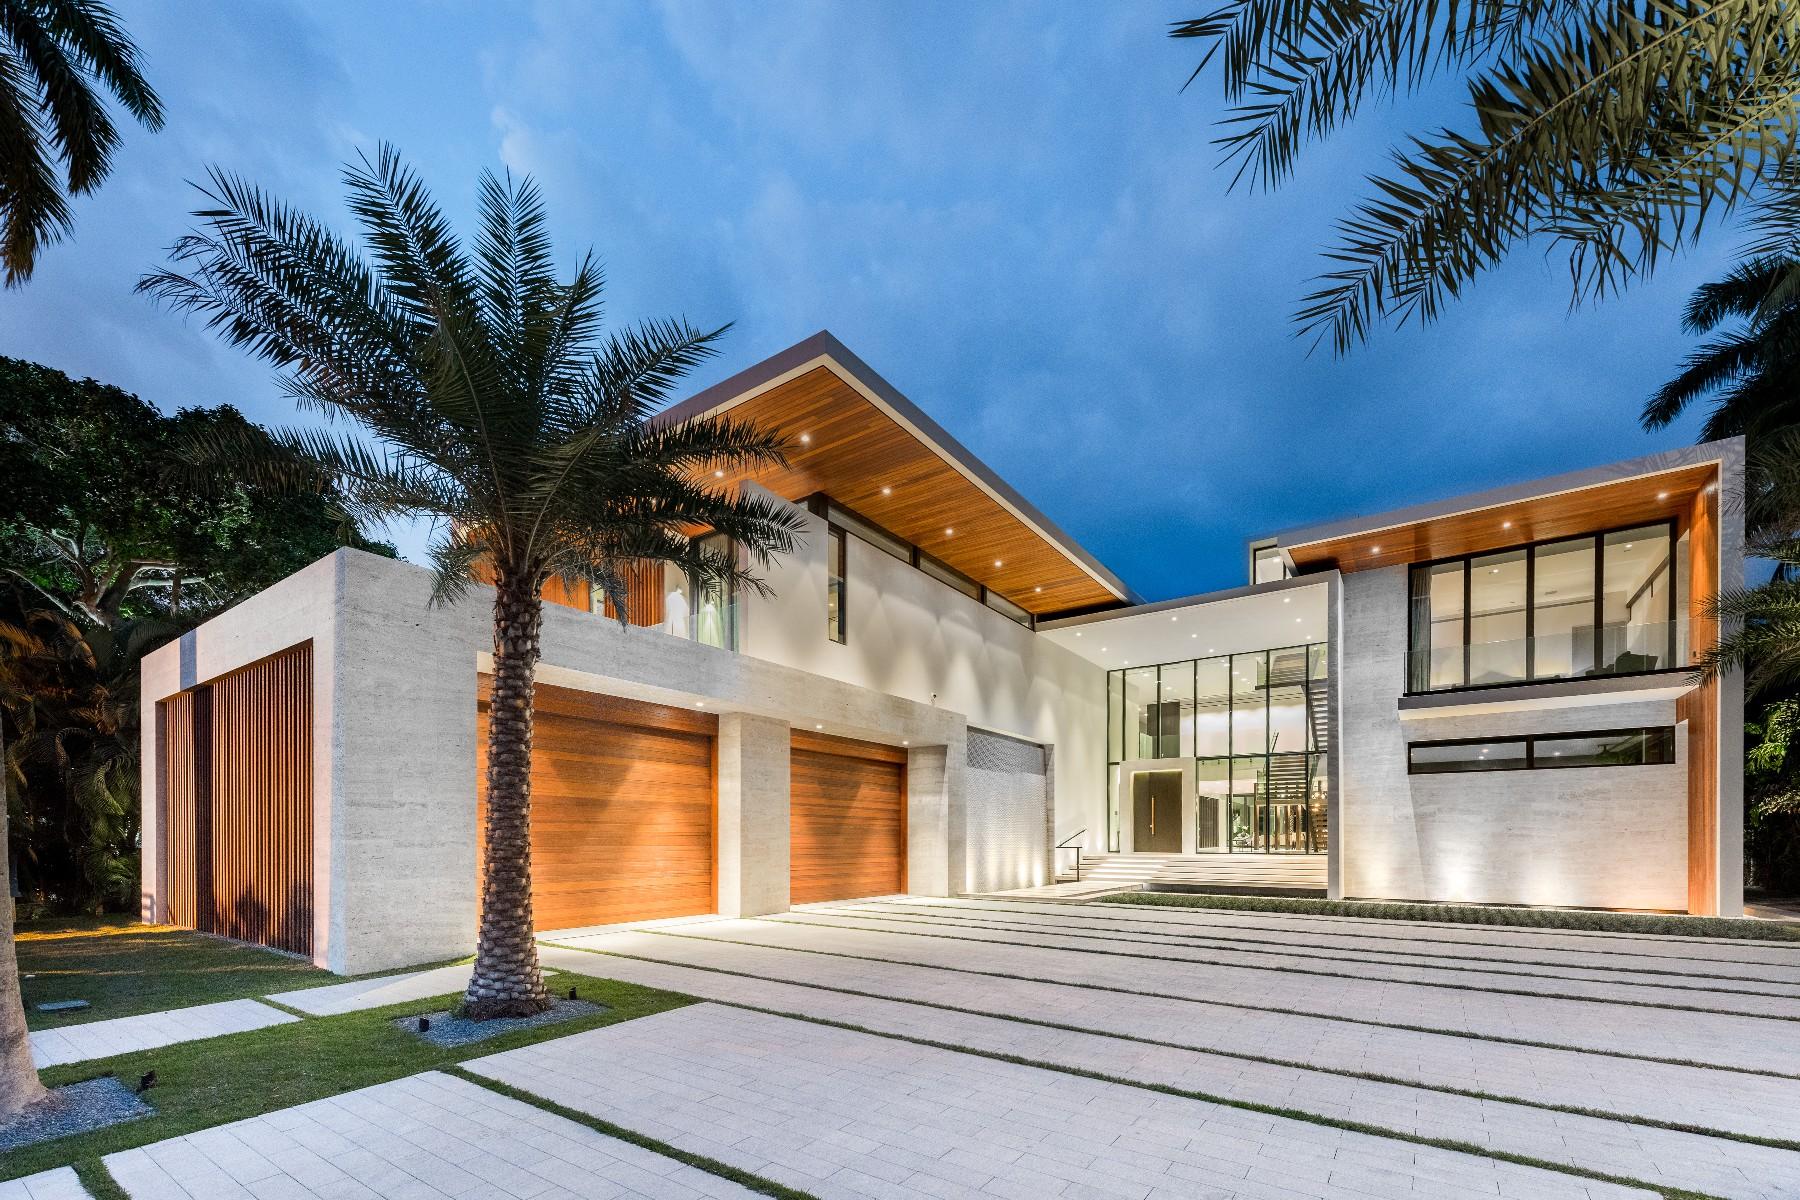 Moradia para Venda às 73 Palm Av Miami Beach, Florida, 33139 Estados Unidos